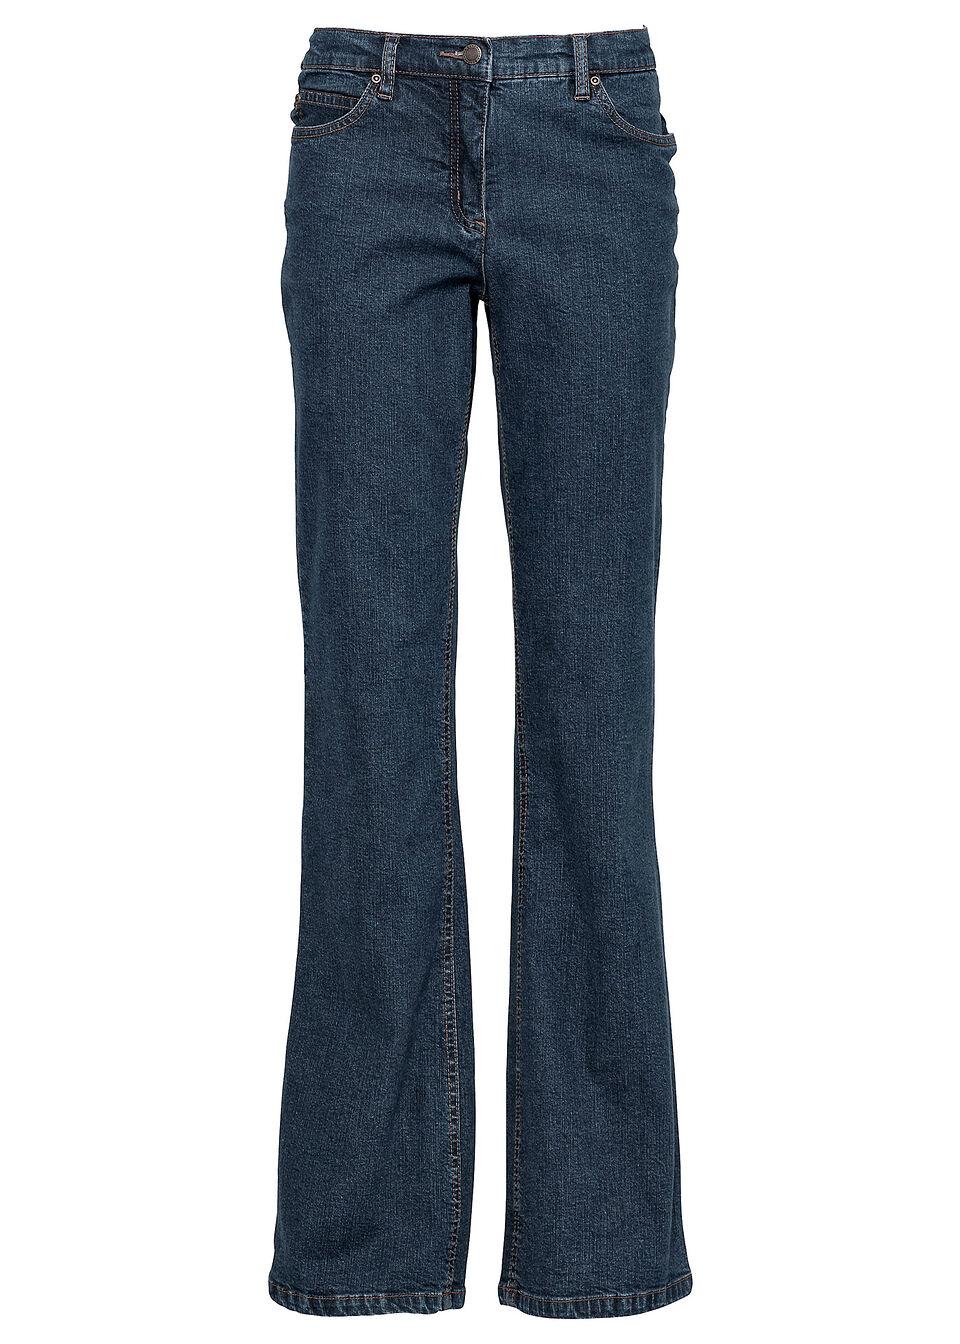 Хит продаж: джинсы-стретч BOOTCUT